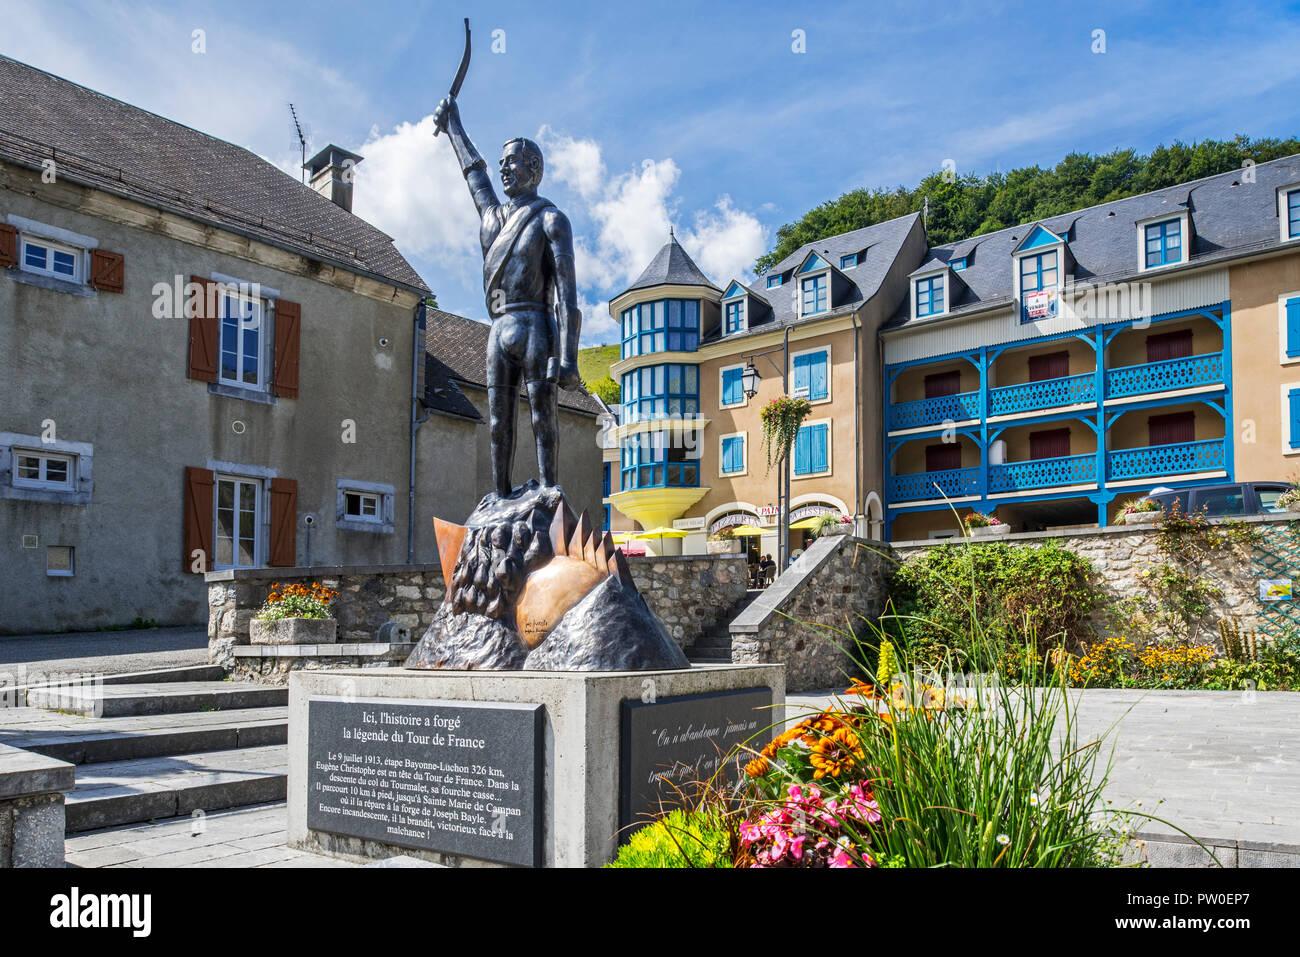 Statue of French Tour de France cyclist, Eugène Christophe / Le Vieux Gaulois at Sainte-Marie-de-Campan, Hautes-Pyrénées, France Stock Photo